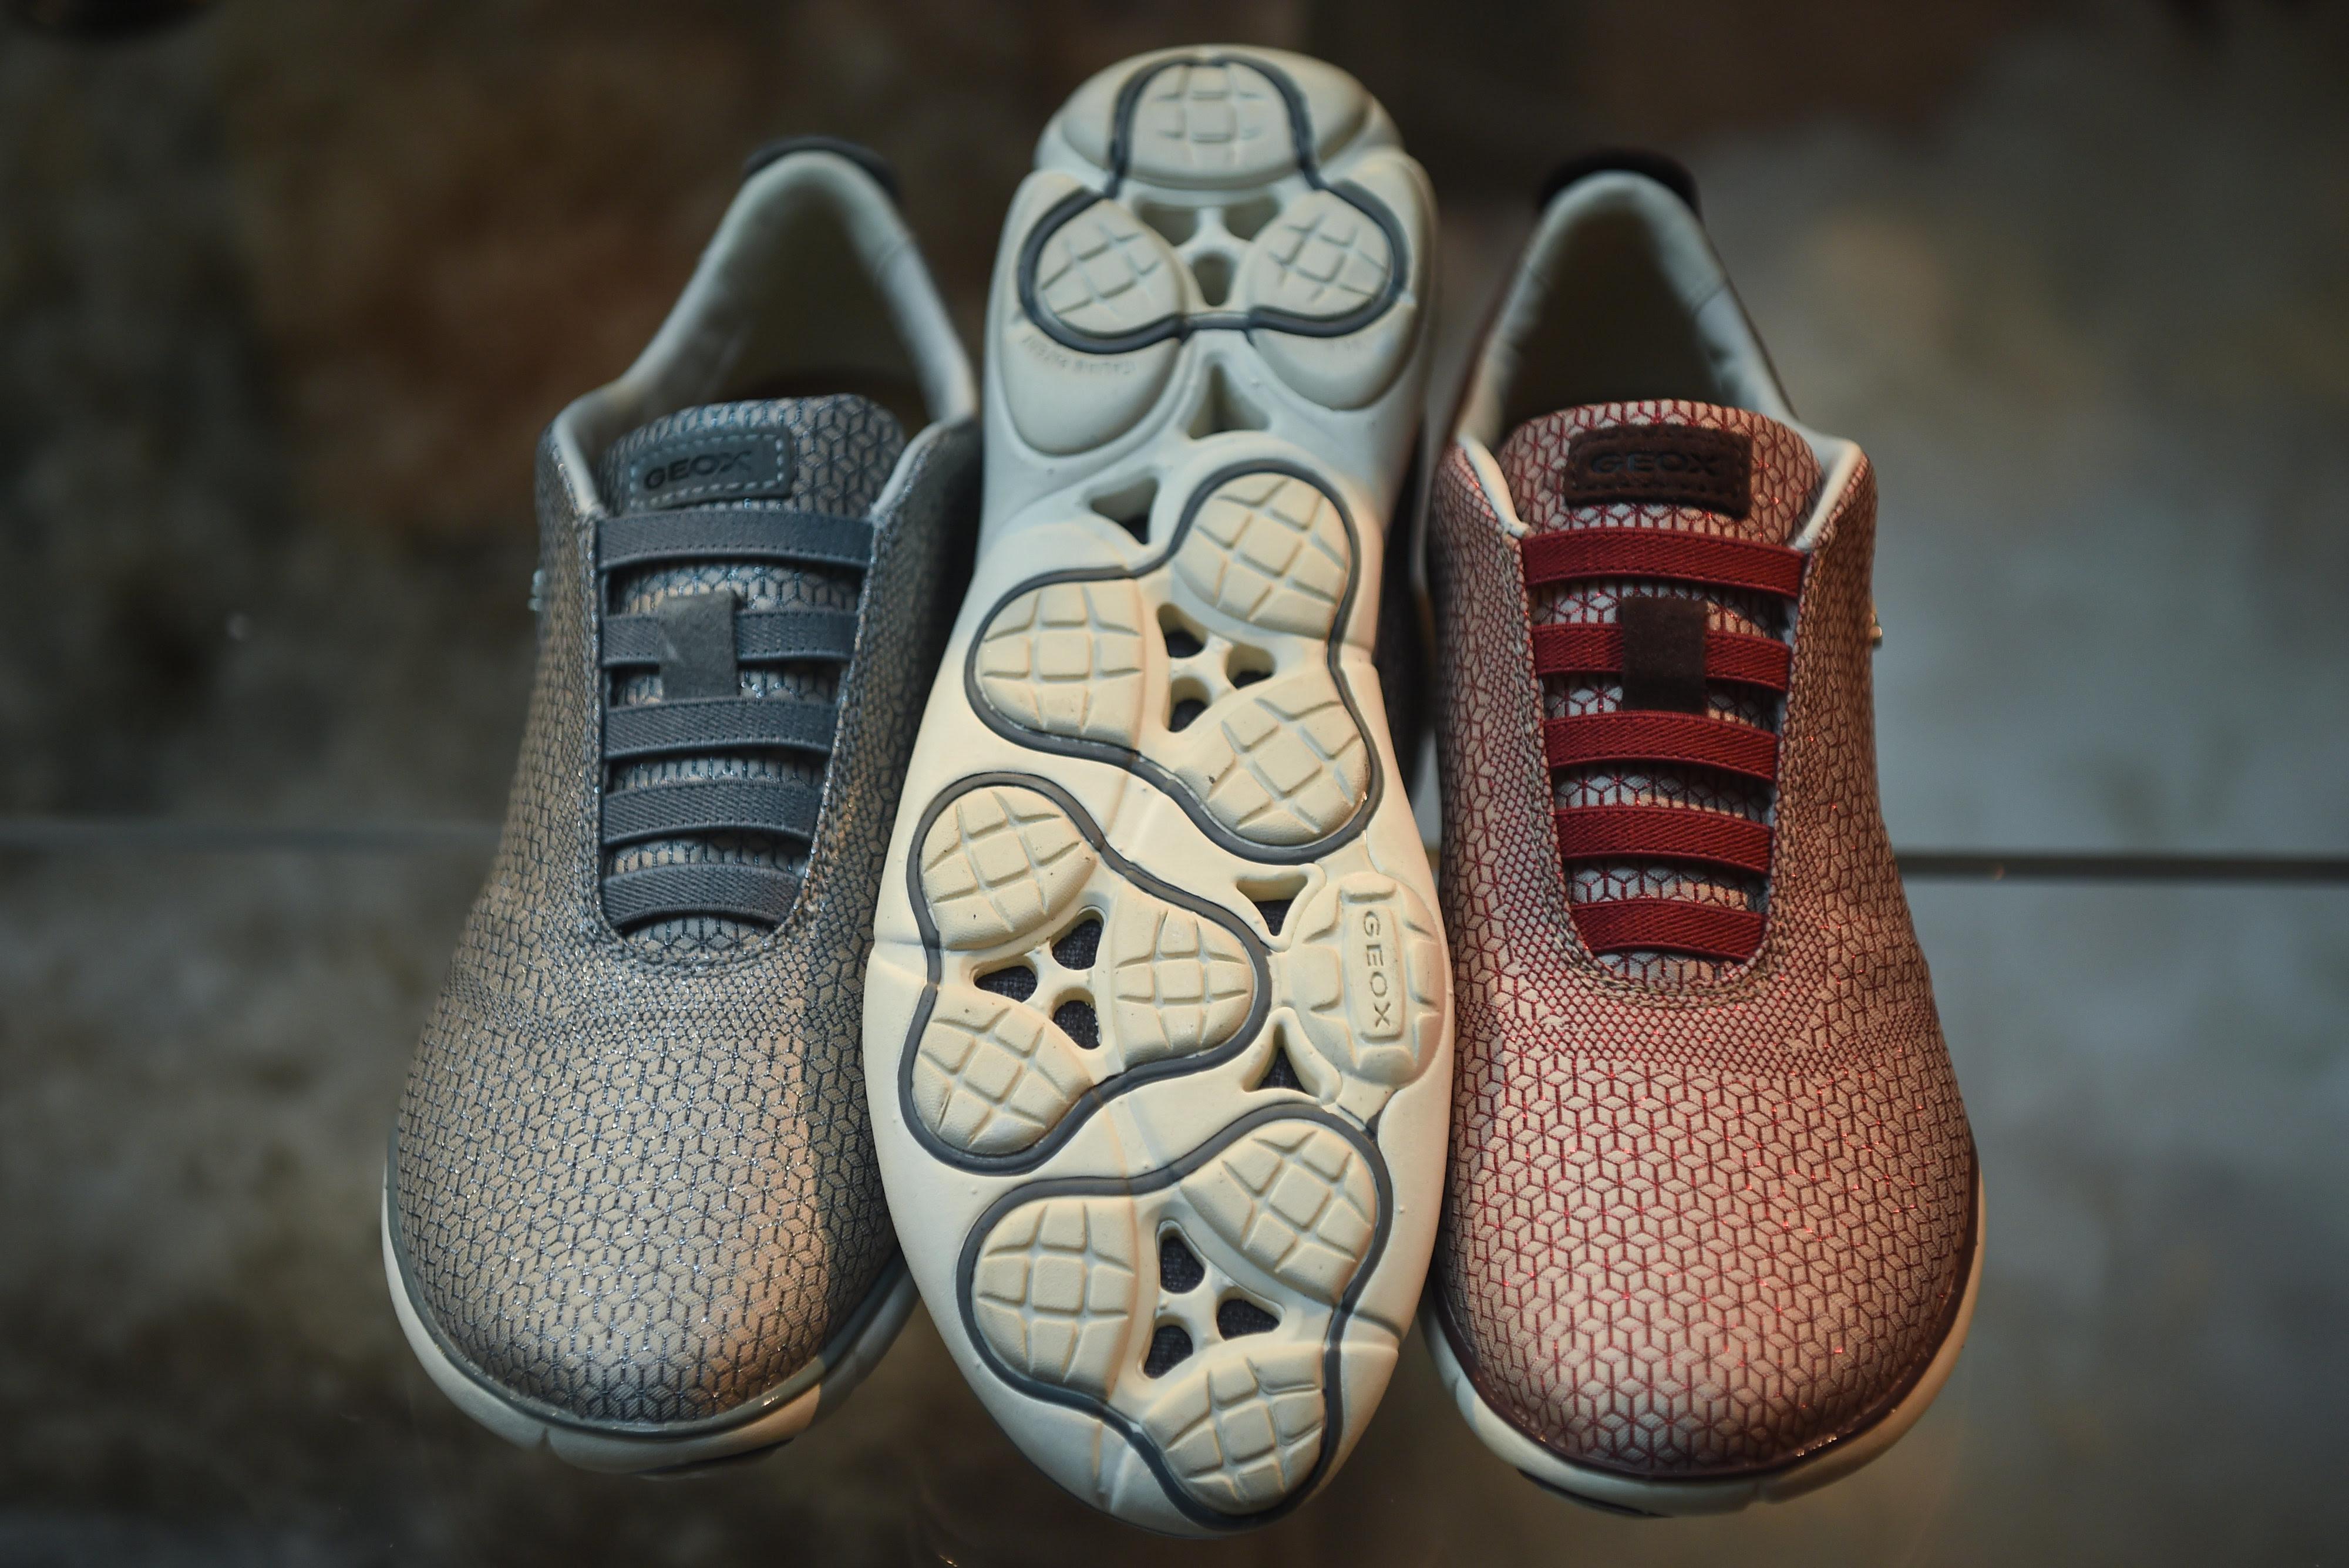 c8e822c7 6404 40ef b23c 18a5deeac385 - GEOX presenta su colección Otoño/Invierno 2020 de calzado y prendas exteriores para mujer